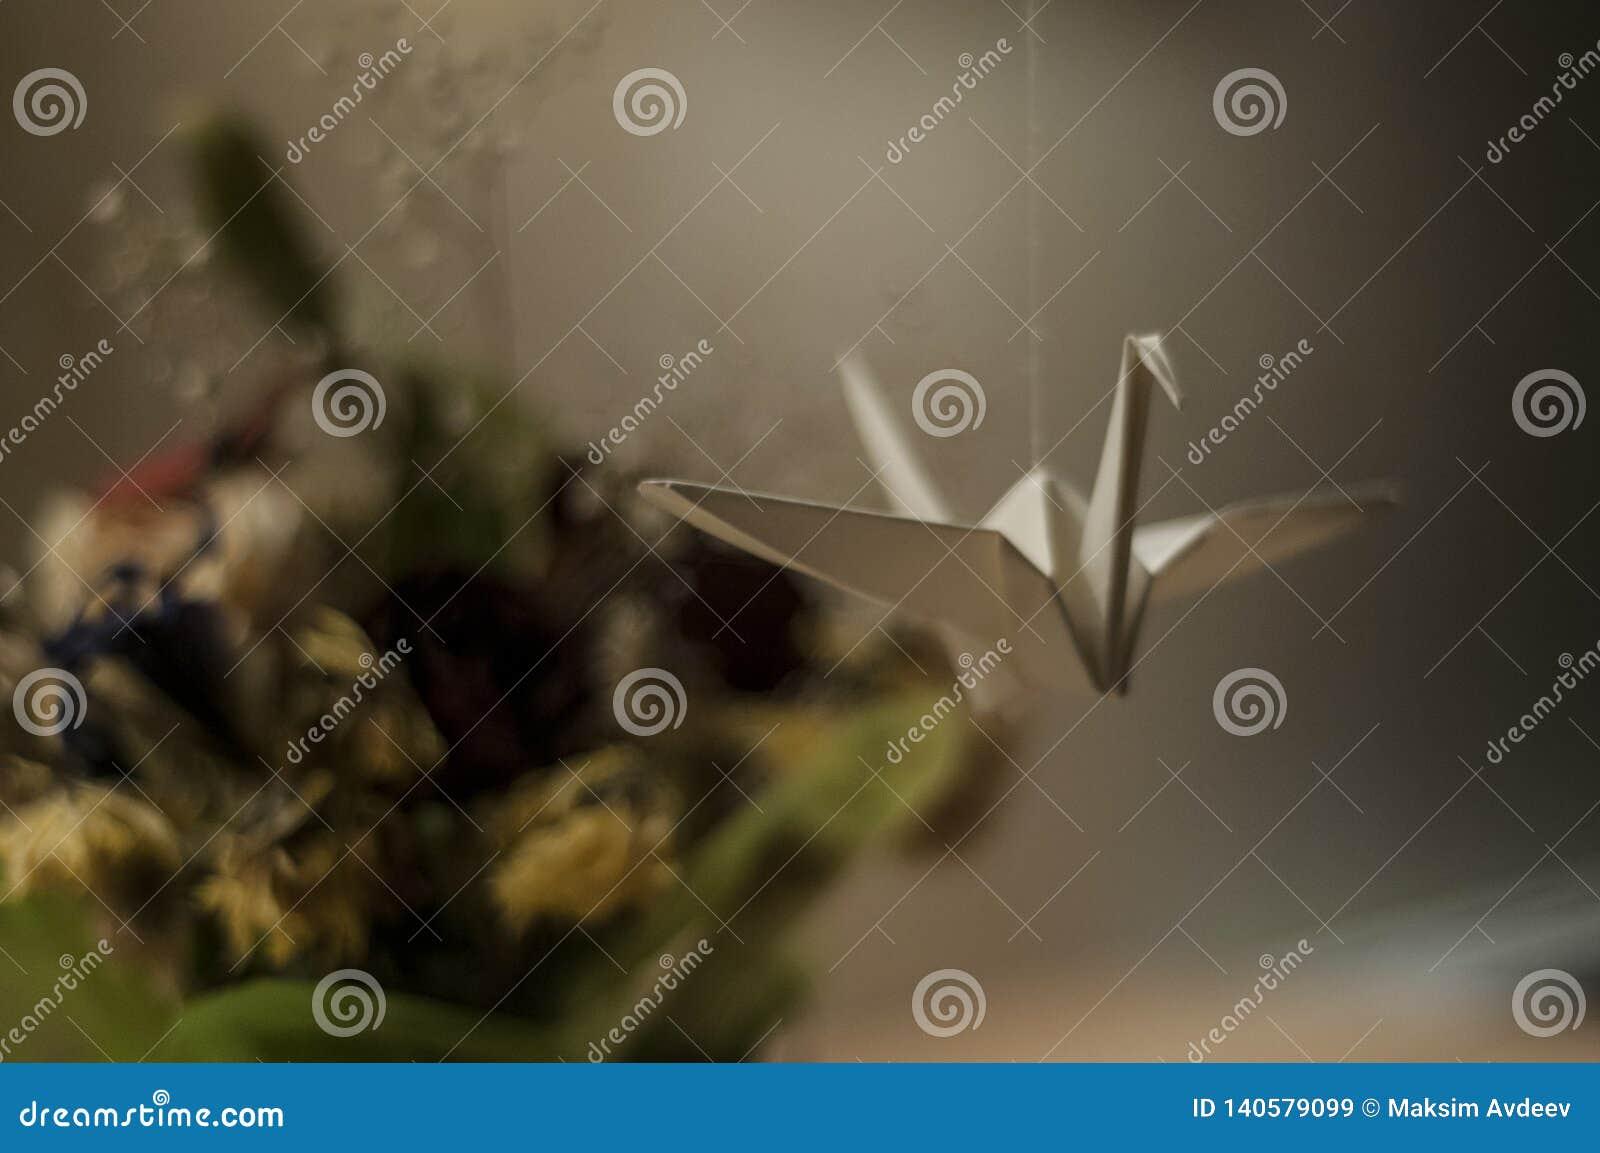 Origami Бумажная смертная казнь через повешение лебедя на потоке Игрушки от бумаги